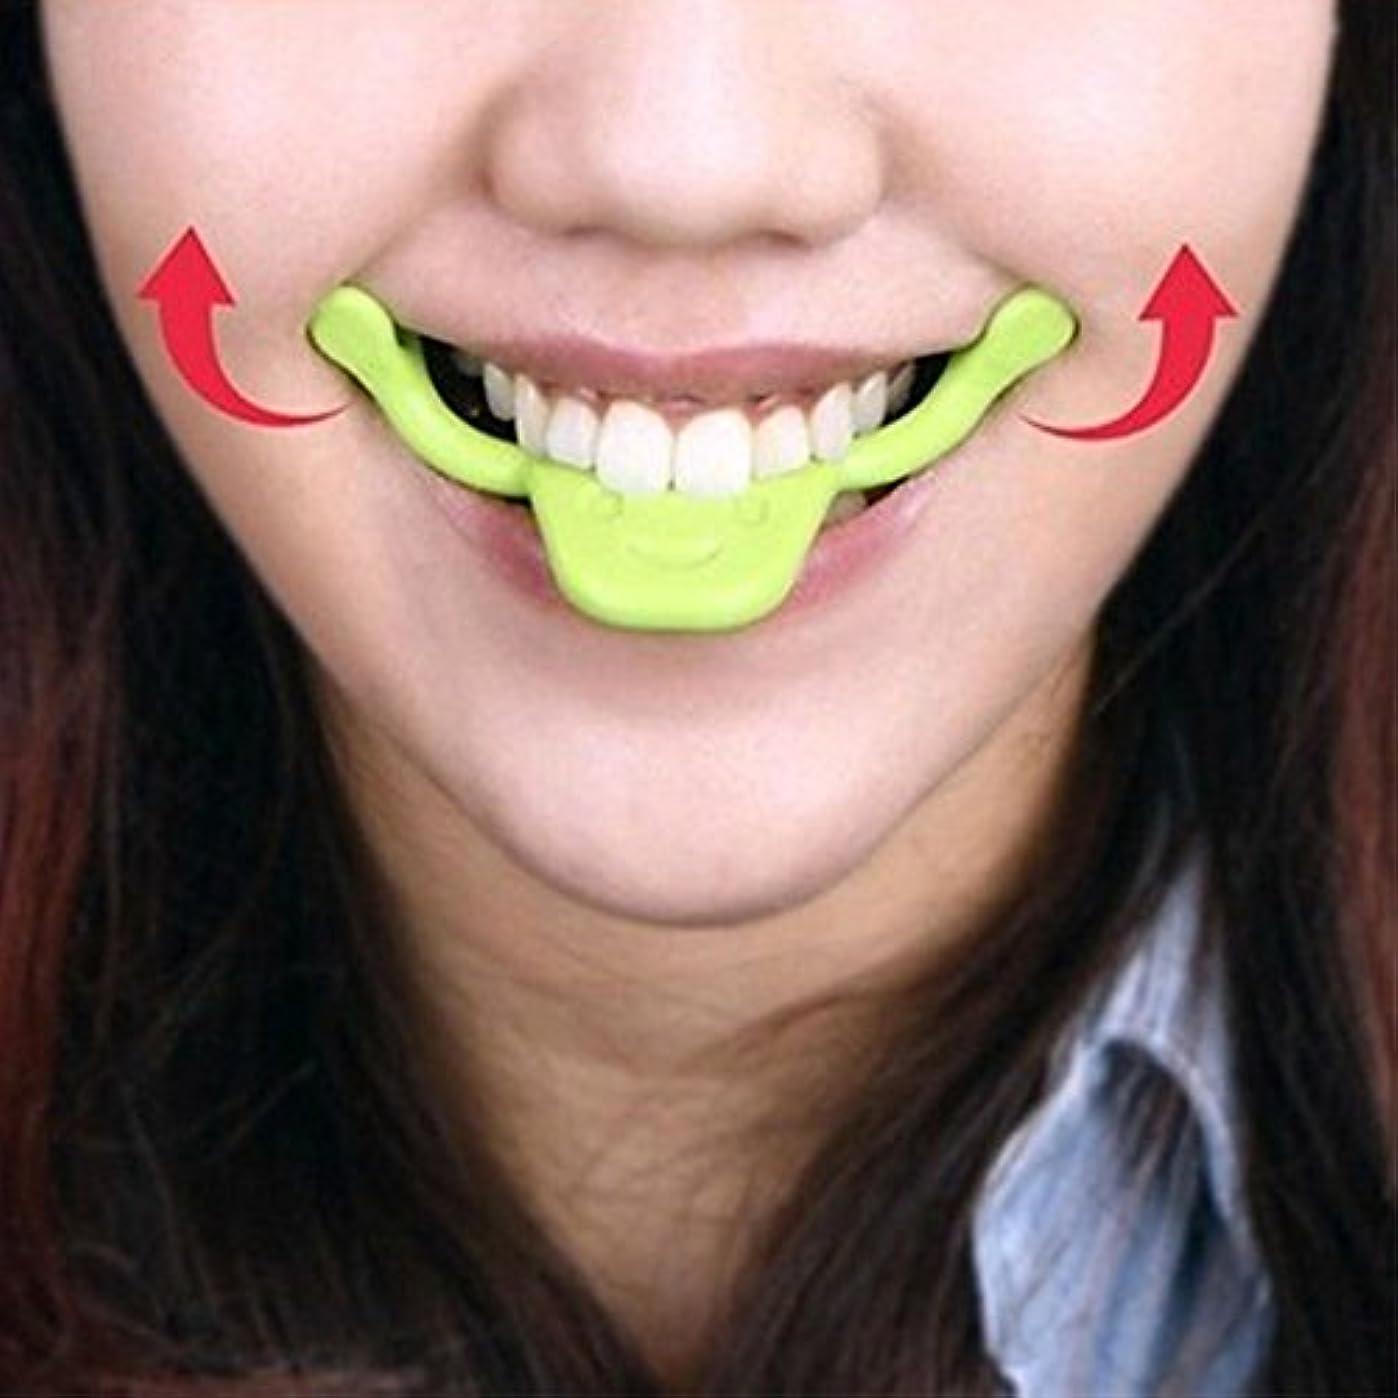 確認するミュージカルミスRaiFu スマイル矯正器 リフトアップ マウスピース 小顔サポート フェイススリマー 表情筋トレーニング 健康グッズ 笑顔 メーカー ビューティーケア